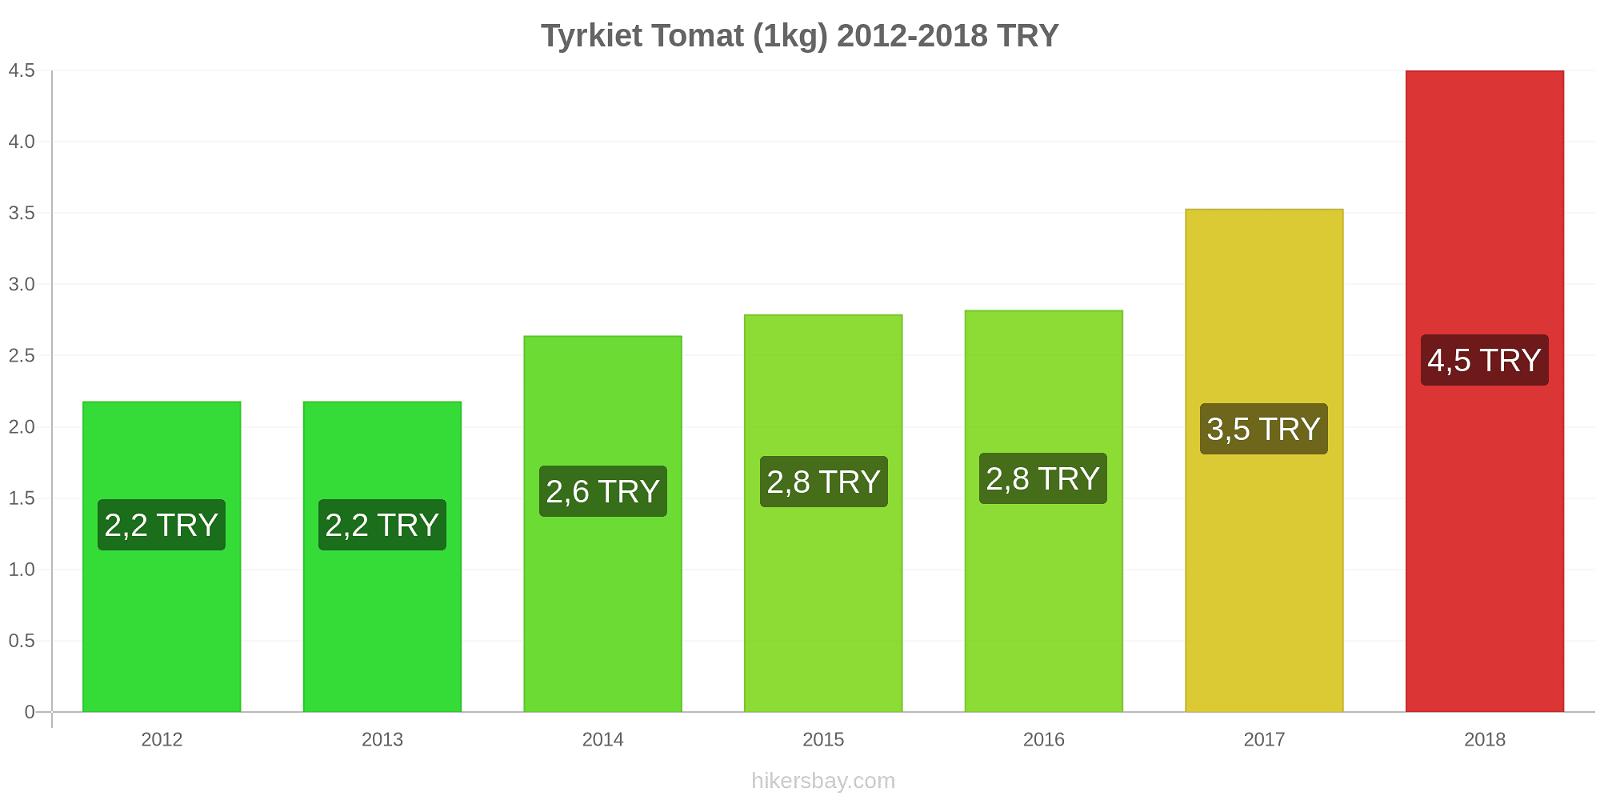 Tyrkiet prisændringer Tomat (1kg) hikersbay.com